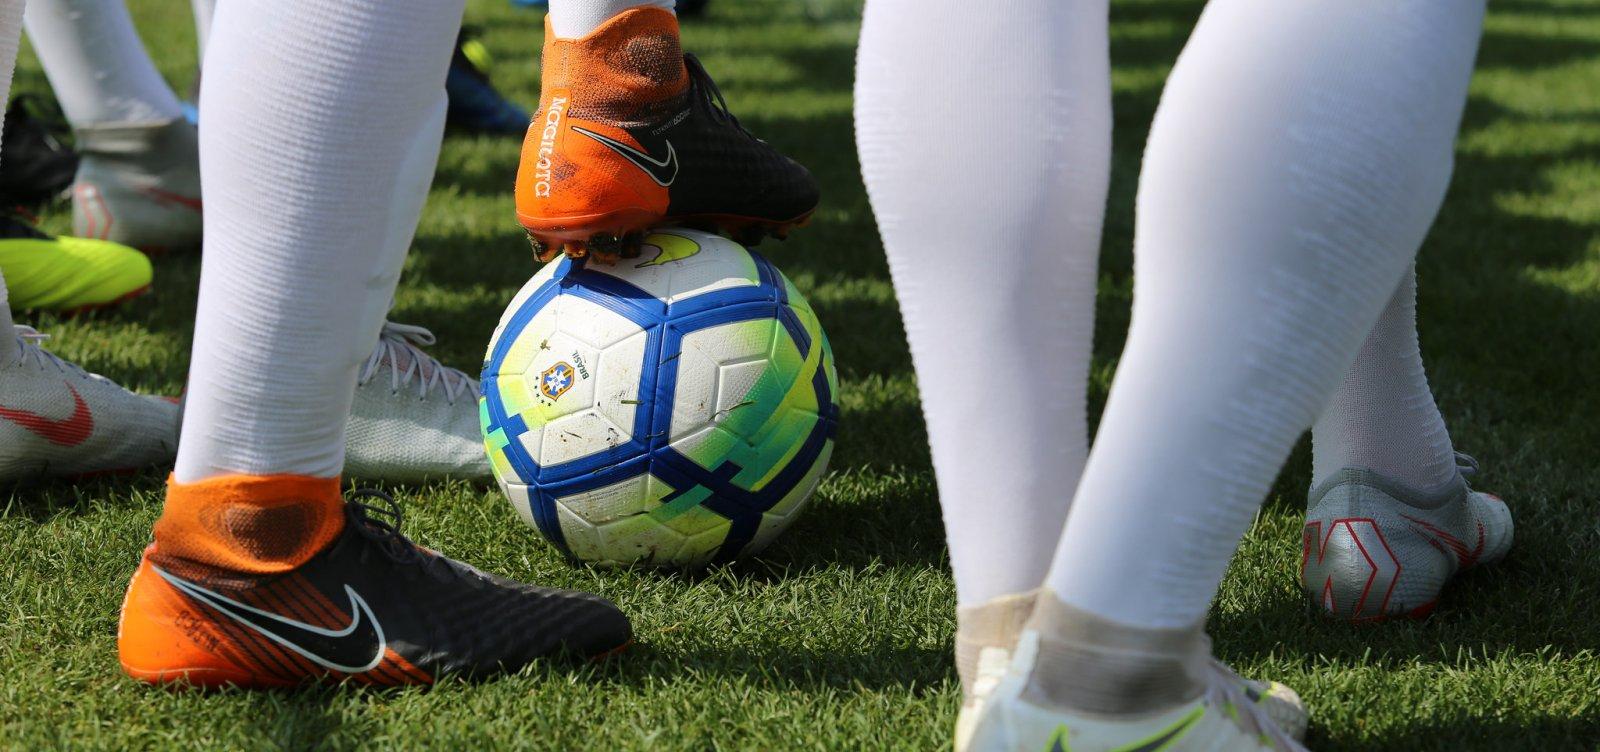 STJD prepara denúncias contra 68 clubes por violação às regras contra Covid-19